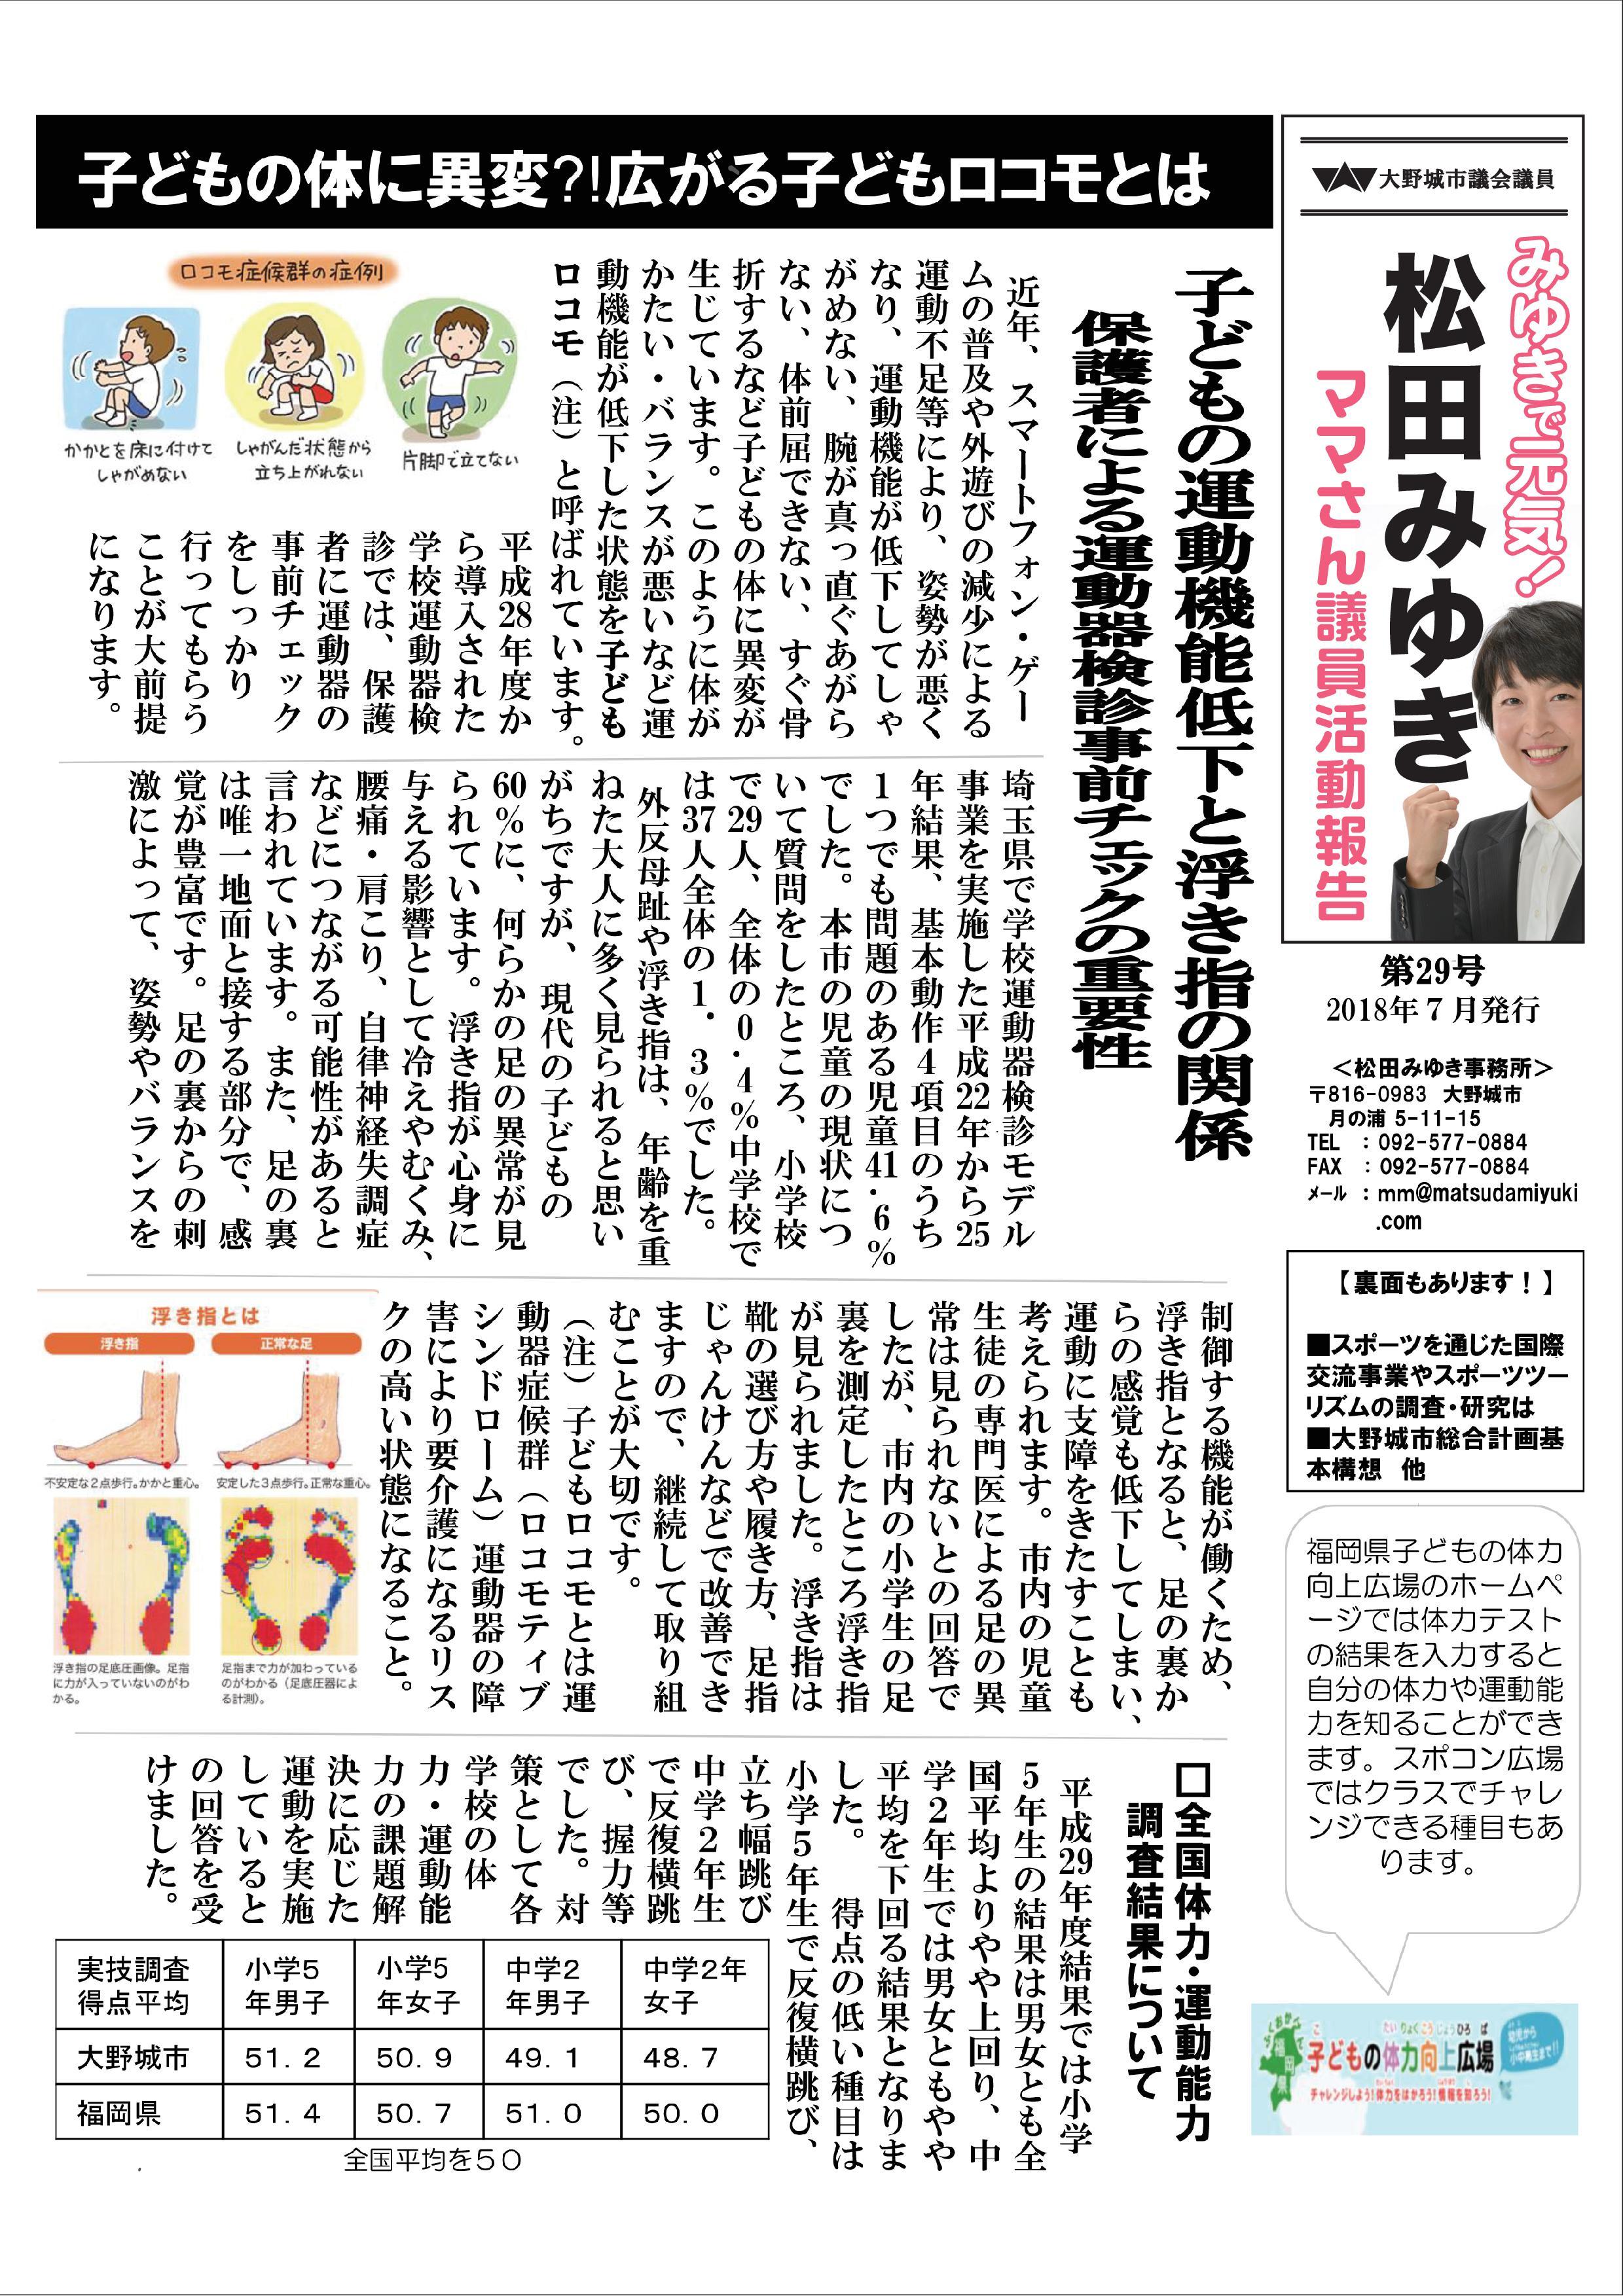 大野城市議会議員 松田みゆき 市政報告 第29号 01